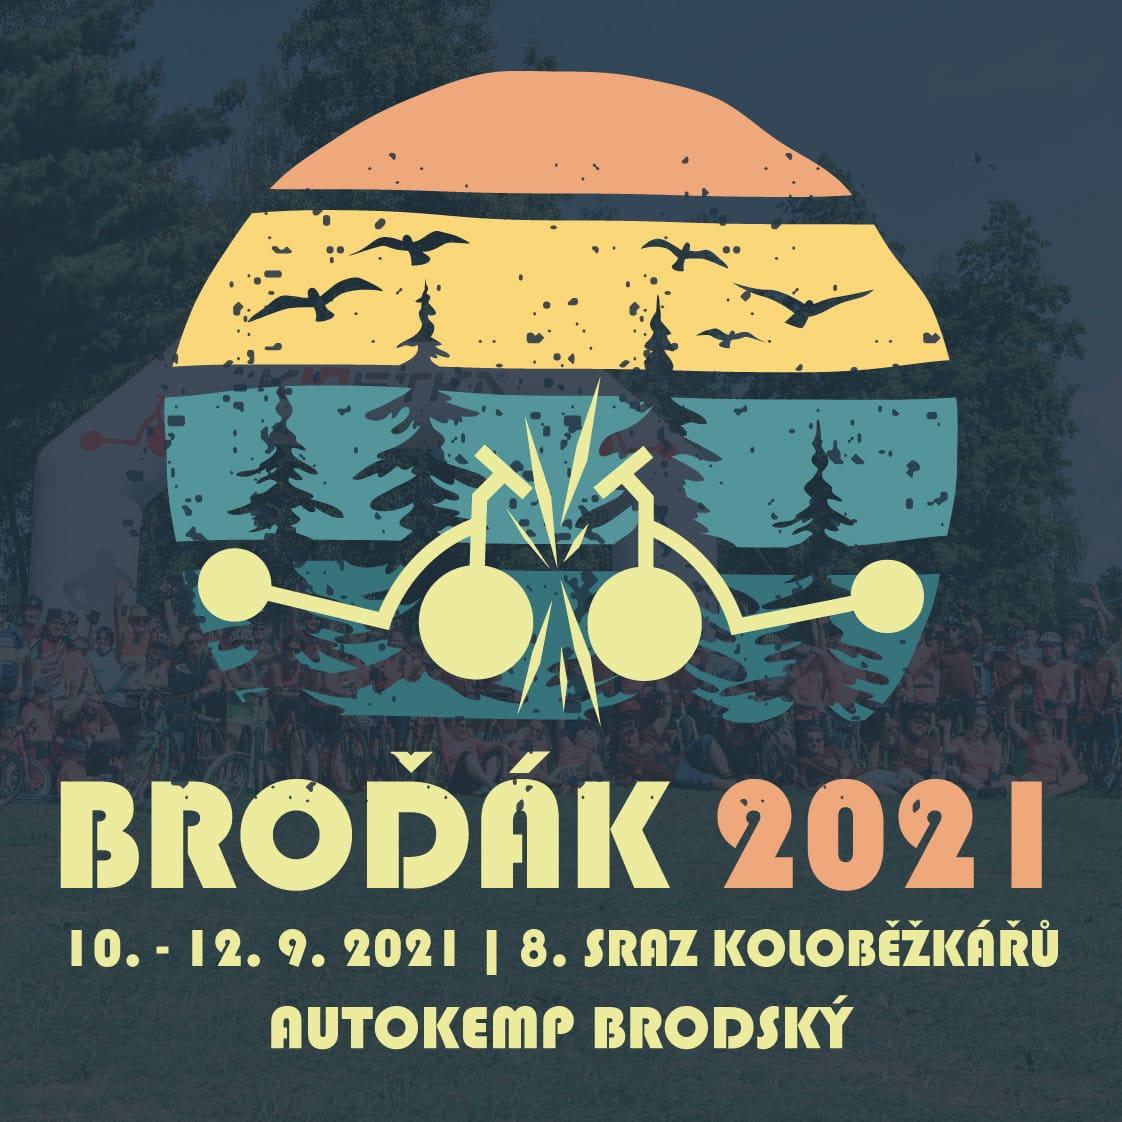 Sraz koloběžkářů Broďák 2021